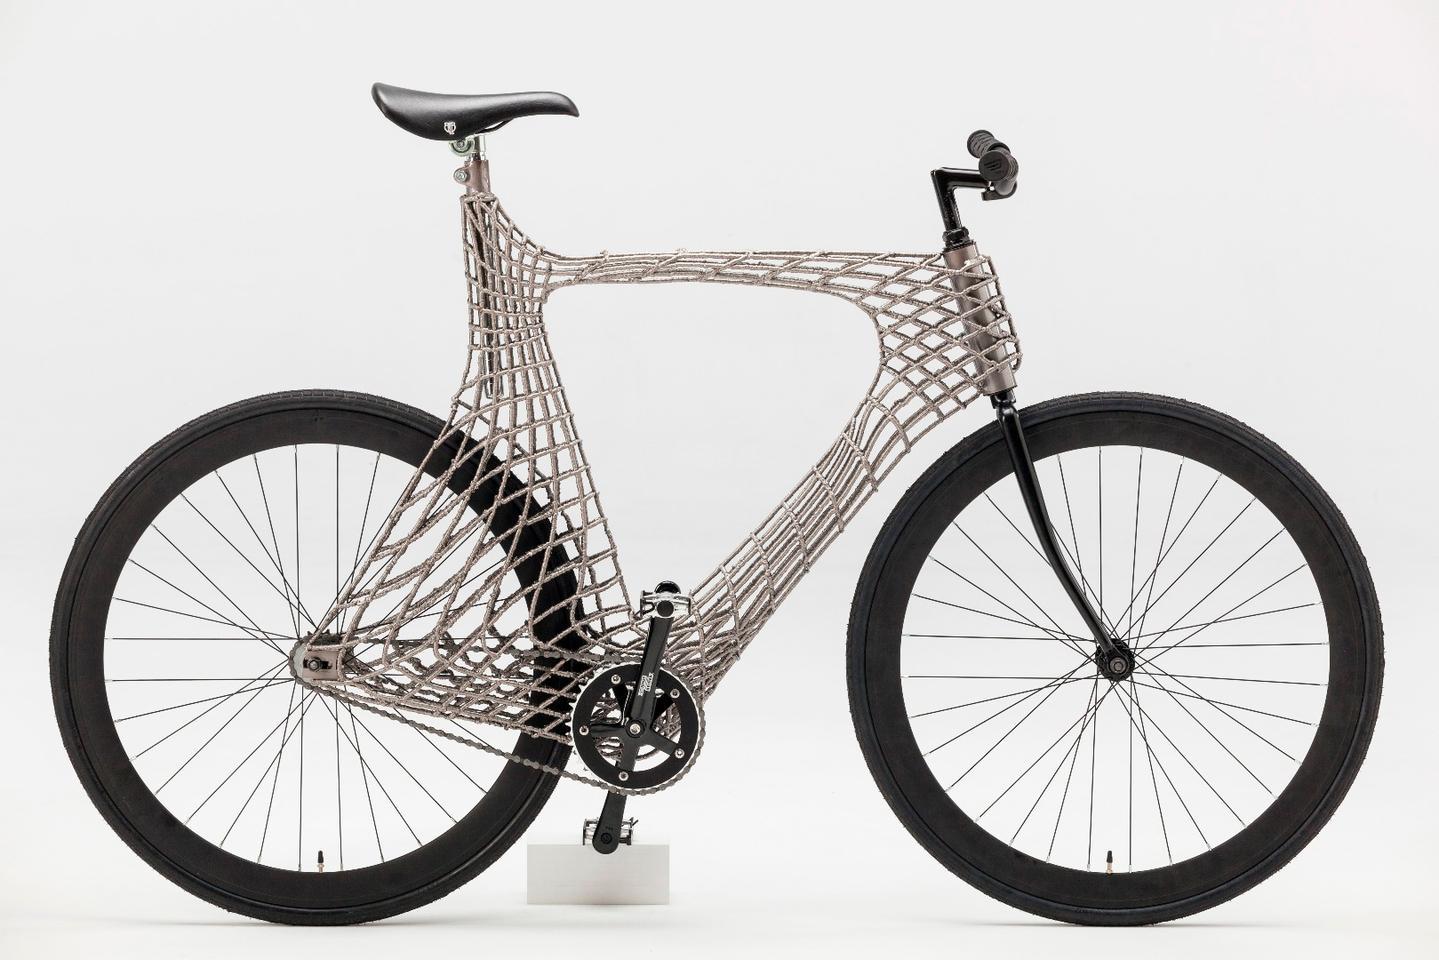 TU Delft's Arc Bicycle